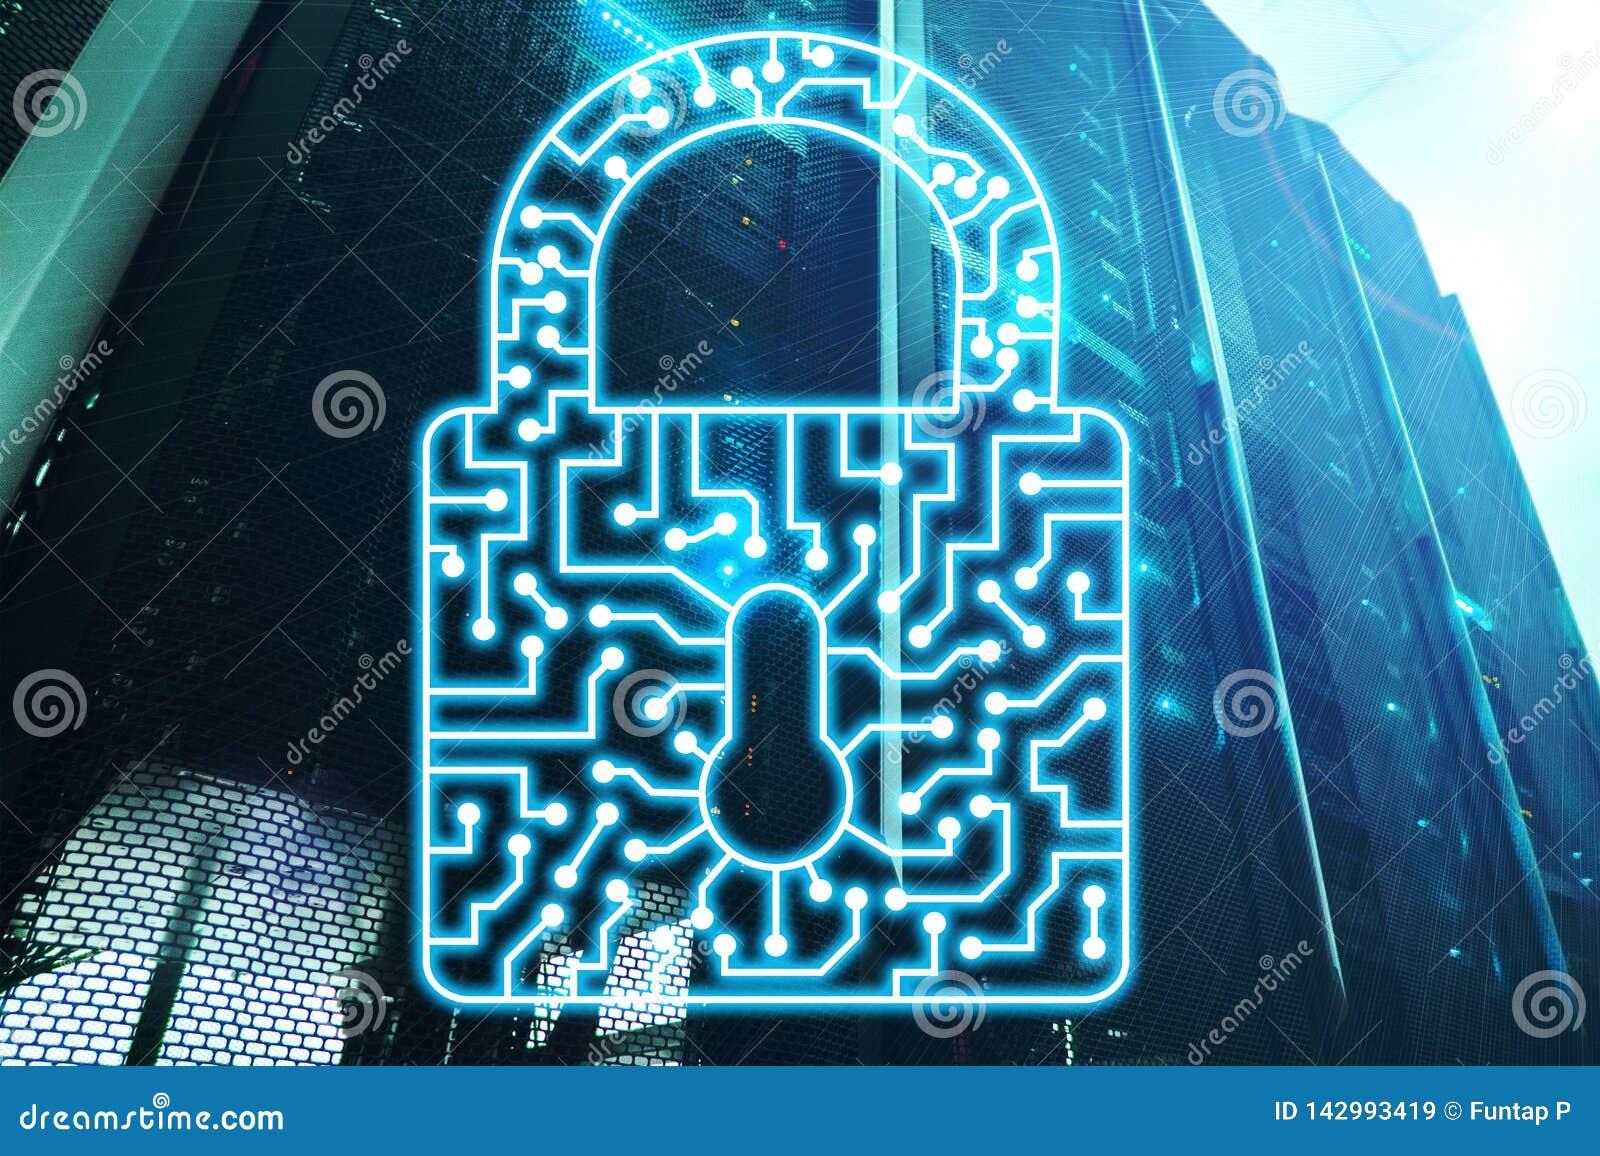 Интернет защиты данных уединения данным по значка замка безопасностью кибер и концепция технологии